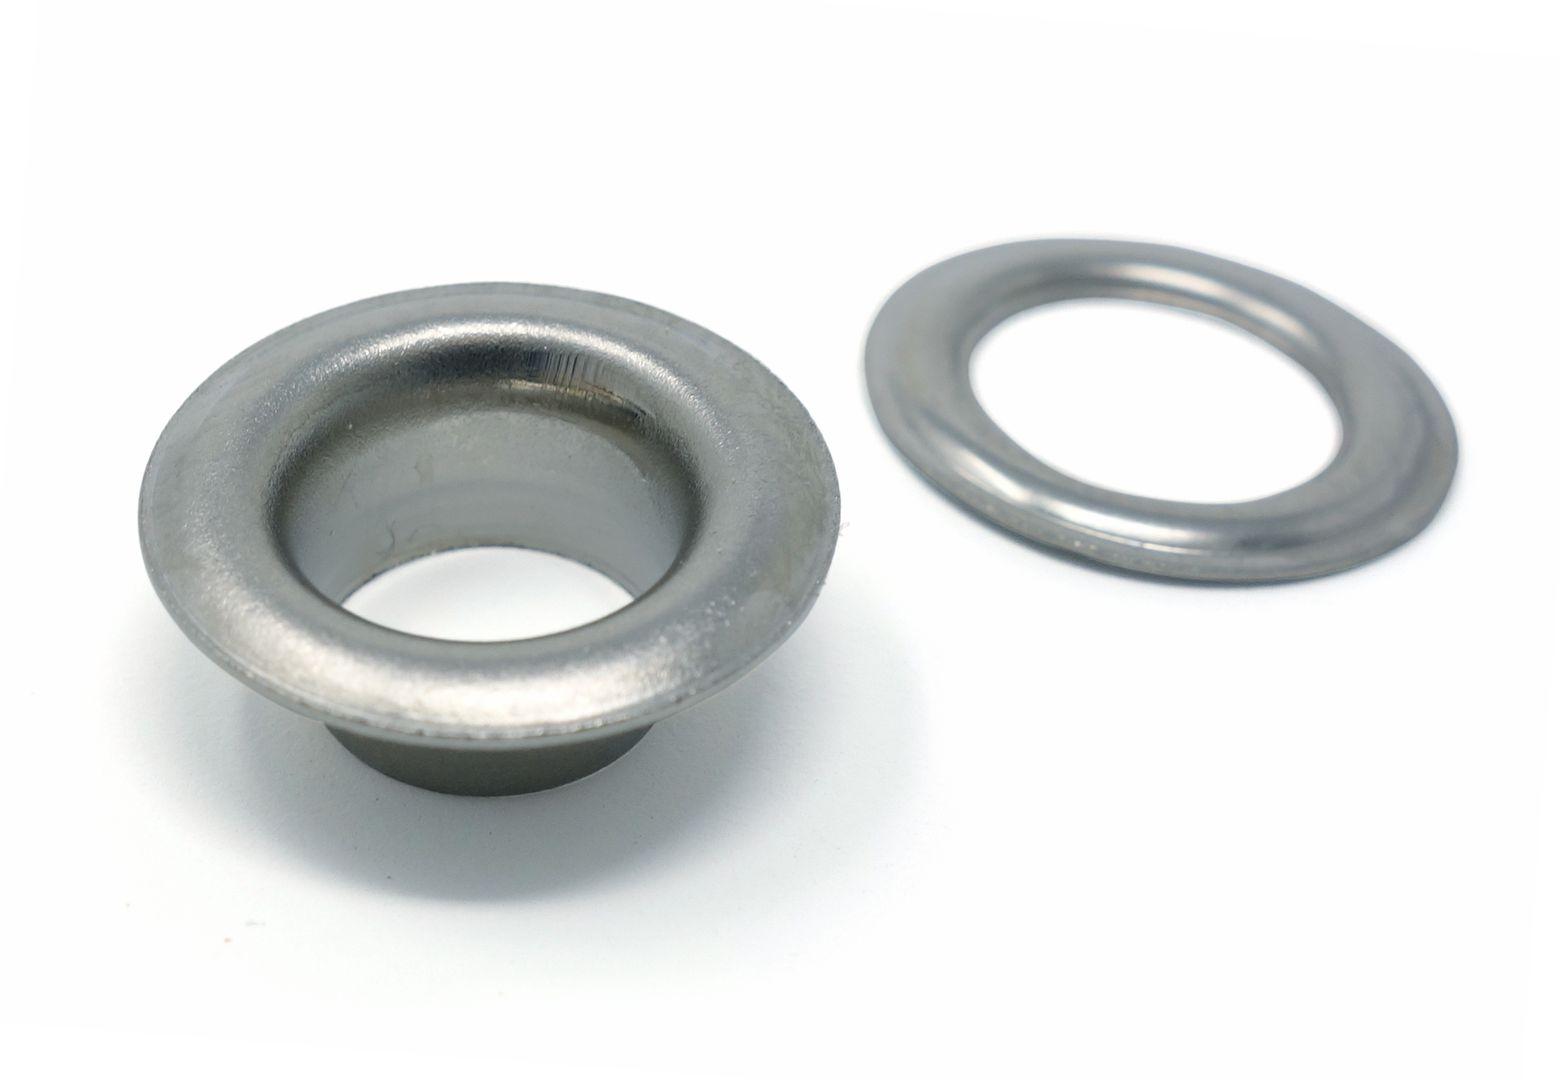 100 x 11,2 mm selbstlochende Ösen mit langem Schaft (ca. 9,0 mm) und Scheibe (rostfrei) für Ösenpressen und Einschlagwerkzeuge – Bild 3